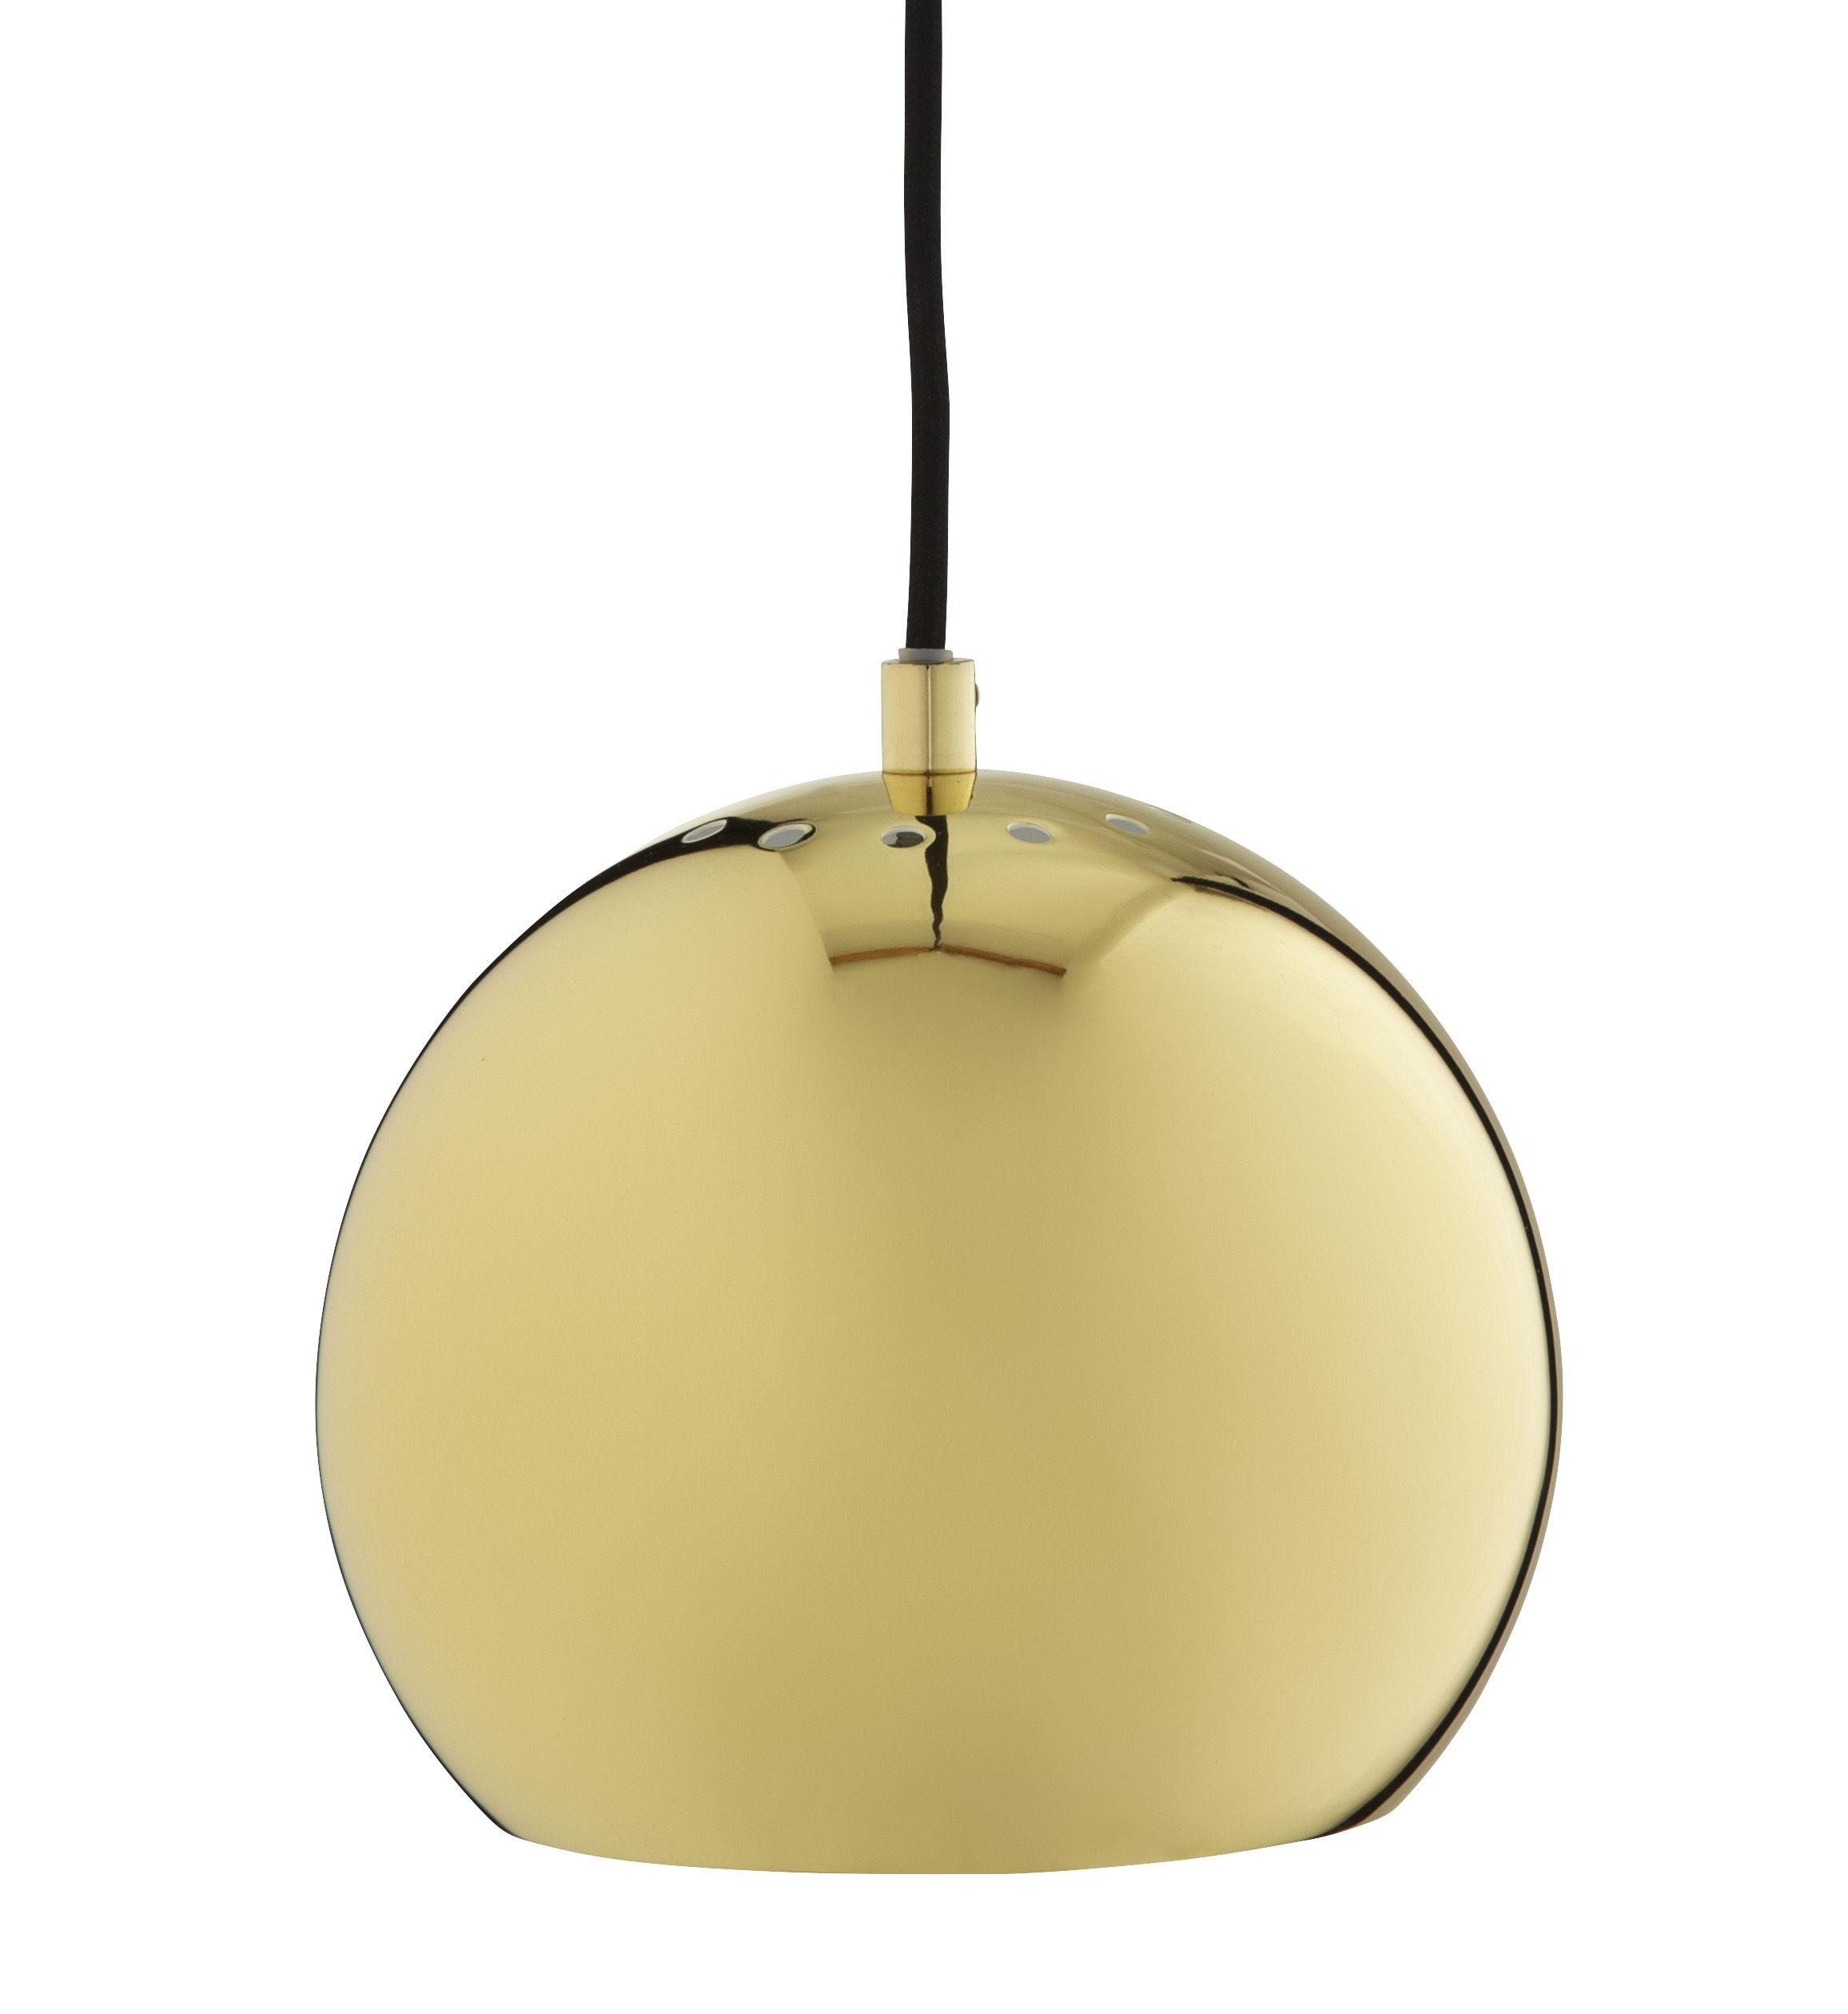 Leuchten - Pendelleuchten - Ball Small Pendelleuchte / Neuauflage des Originals aus dem Jahr 1969 - Frandsen - Messing - Métal finition laiton